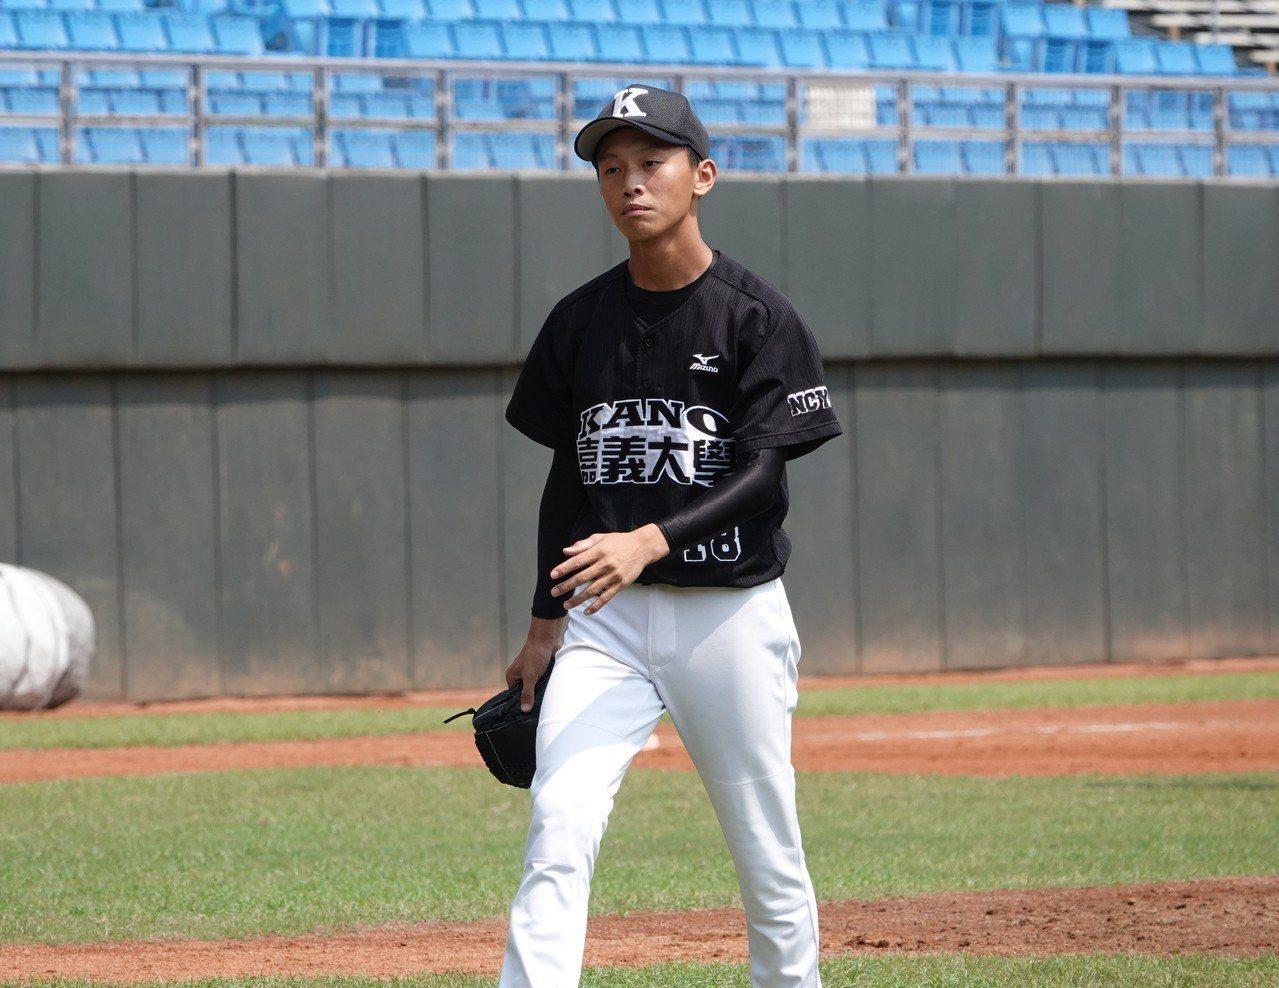 嘉義市投手徐嘉韋中繼4局拿下勝投。記者毛琬婷/攝影